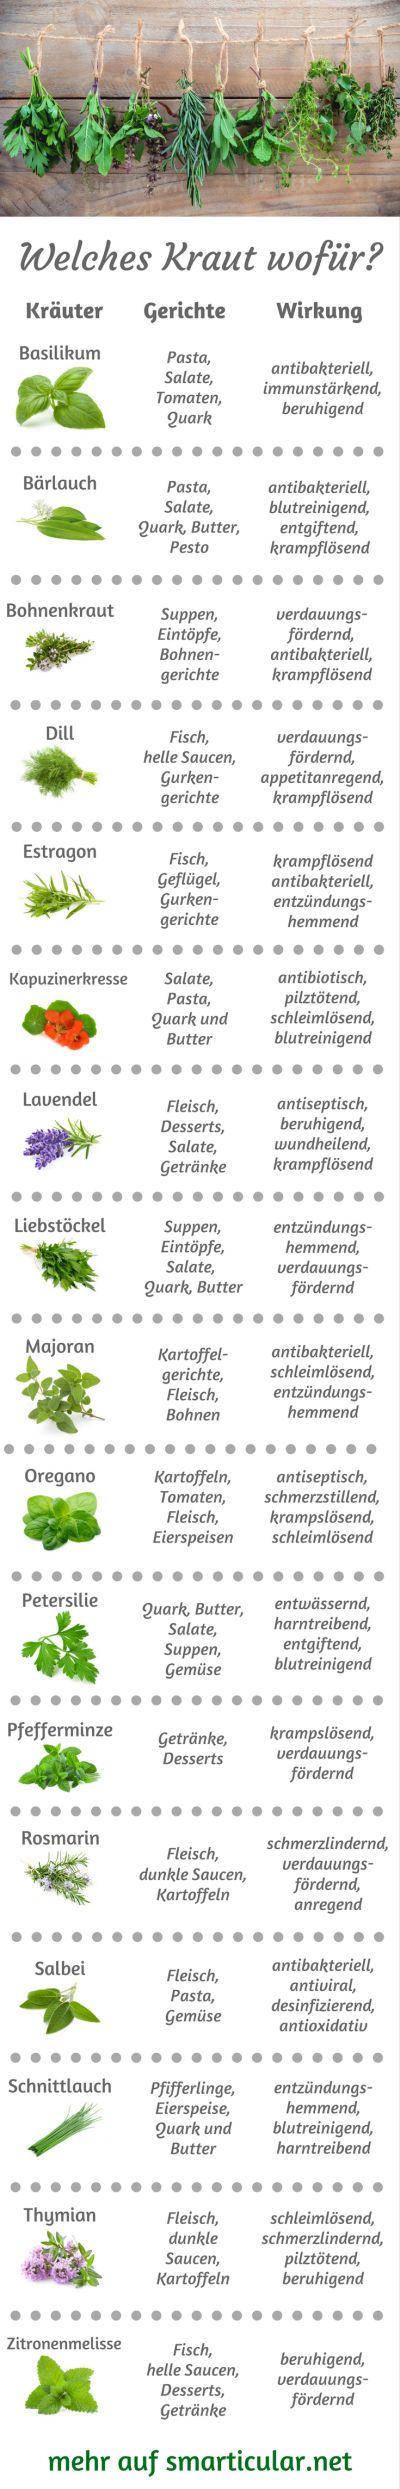 Photo of Küchenkräuter-ABC: Welches Kraut wofür, was passt wozu?